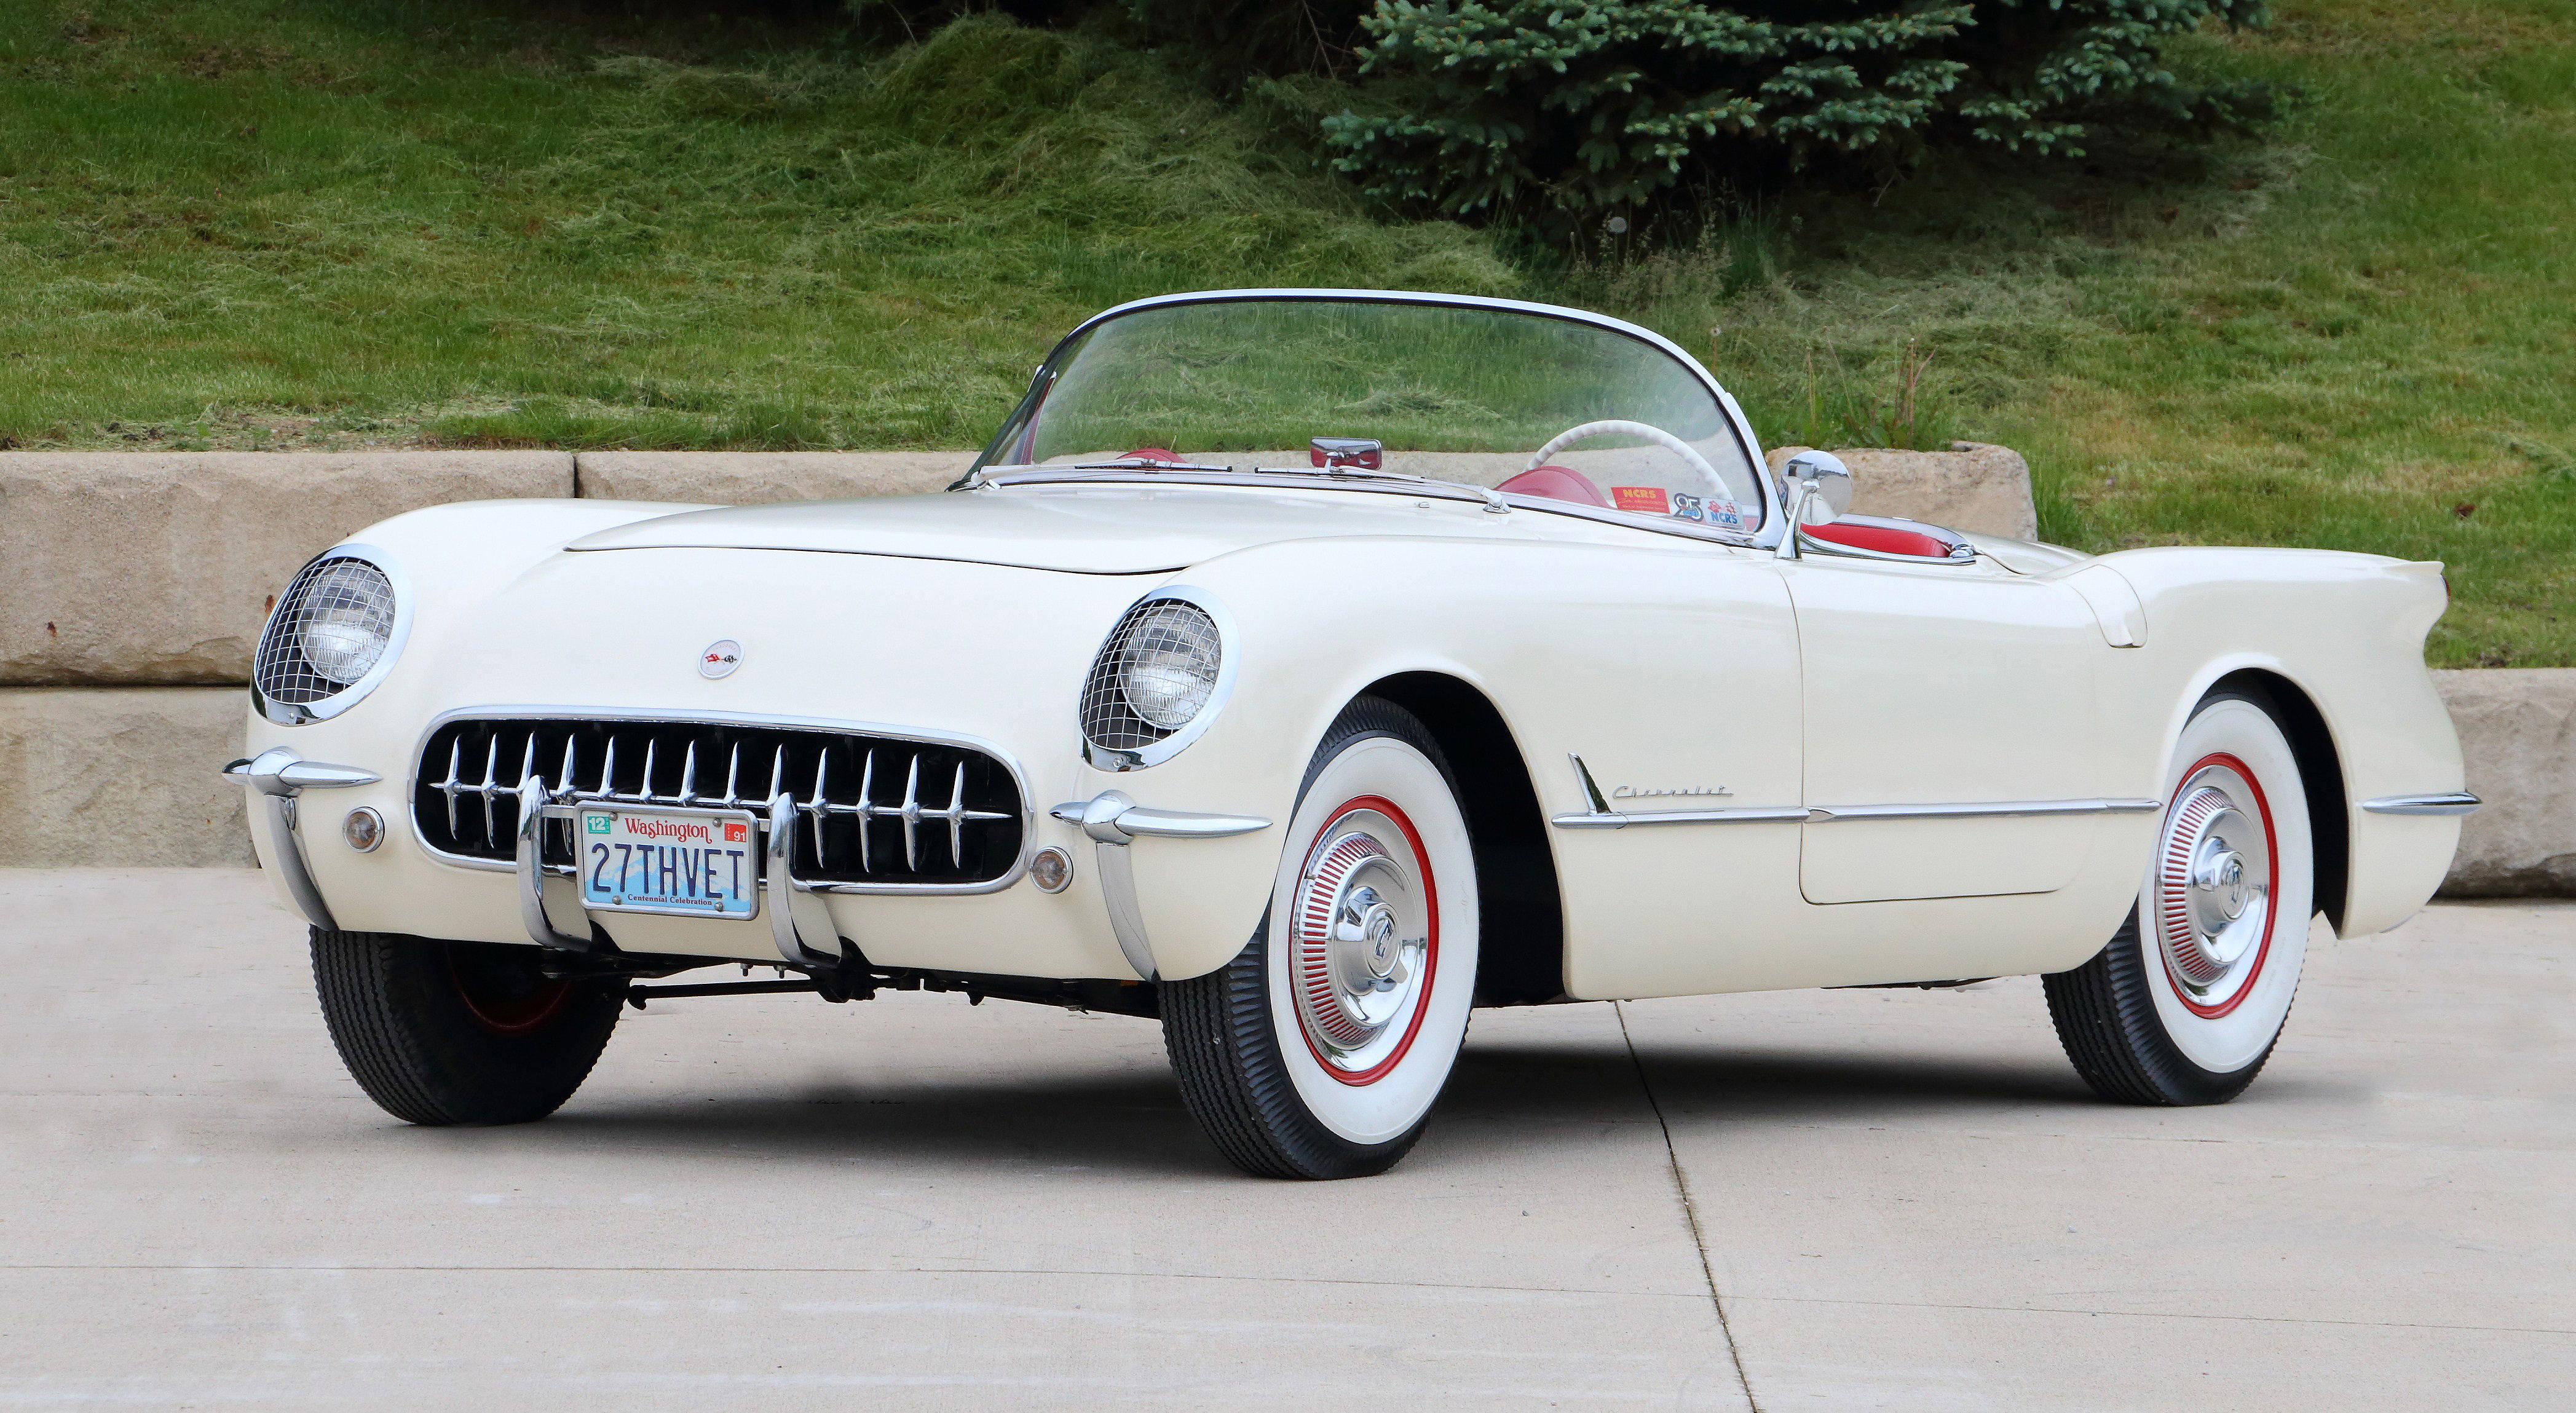 Ultra-low-mileage Corvettes set for Mecum Monterey auction ...